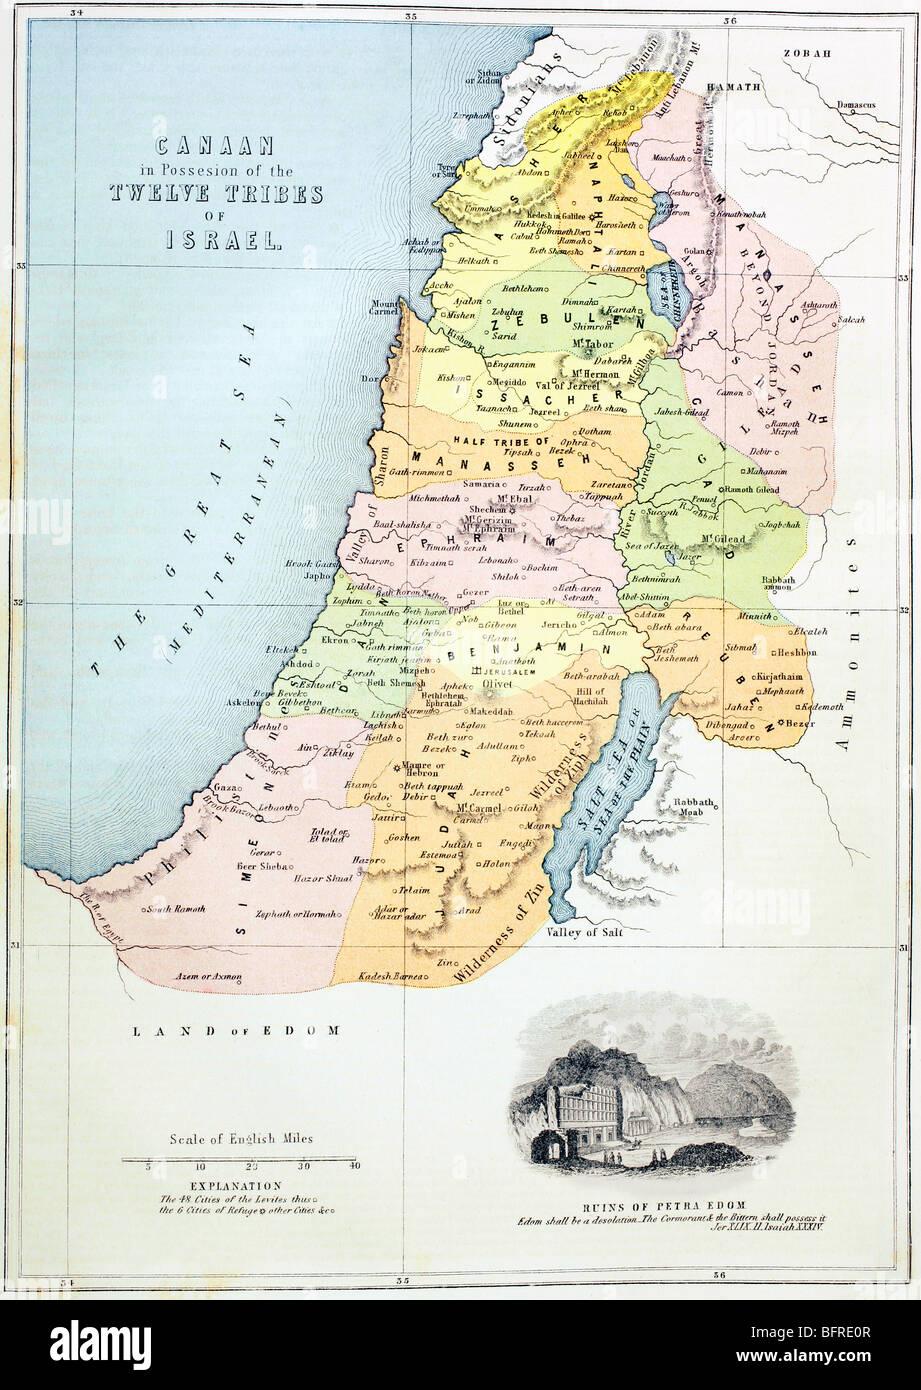 Canaan, ou en Palestine, tel qu'il était divisé entre les douze tribus d'Israël. Photo Stock